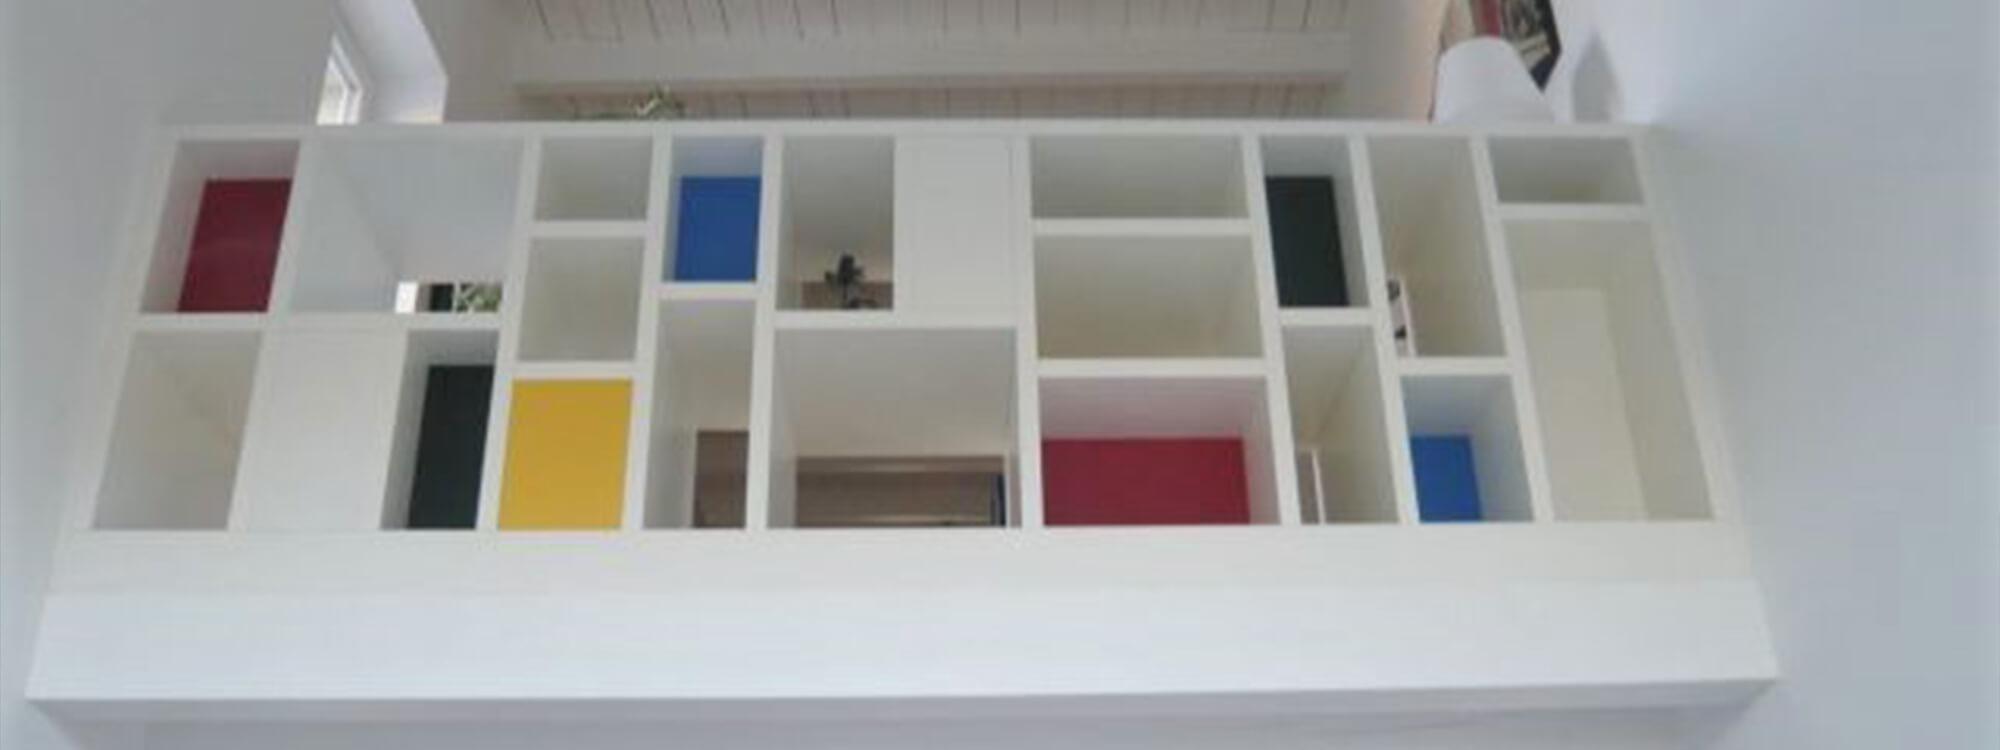 Exterieur amenagement interieur accueil design et mobilier for Interieur exterieur